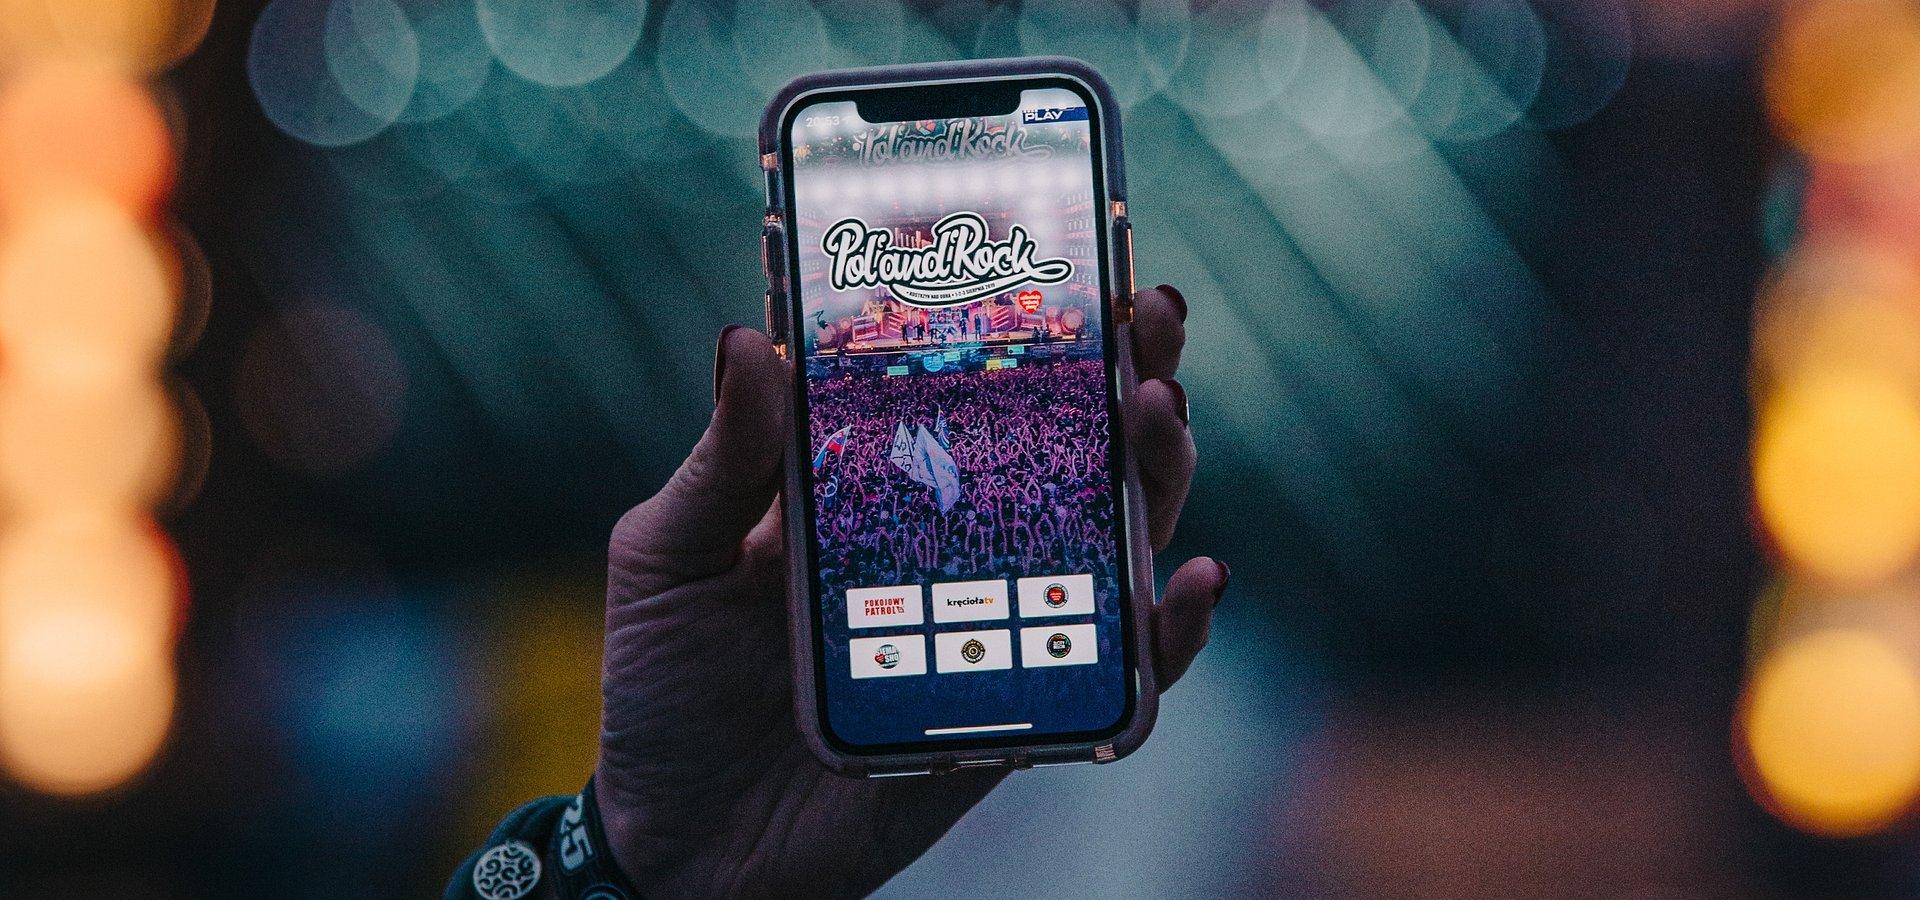 Festiwalowa aplikacja z nominacją do Mobile Trends Awards 2019